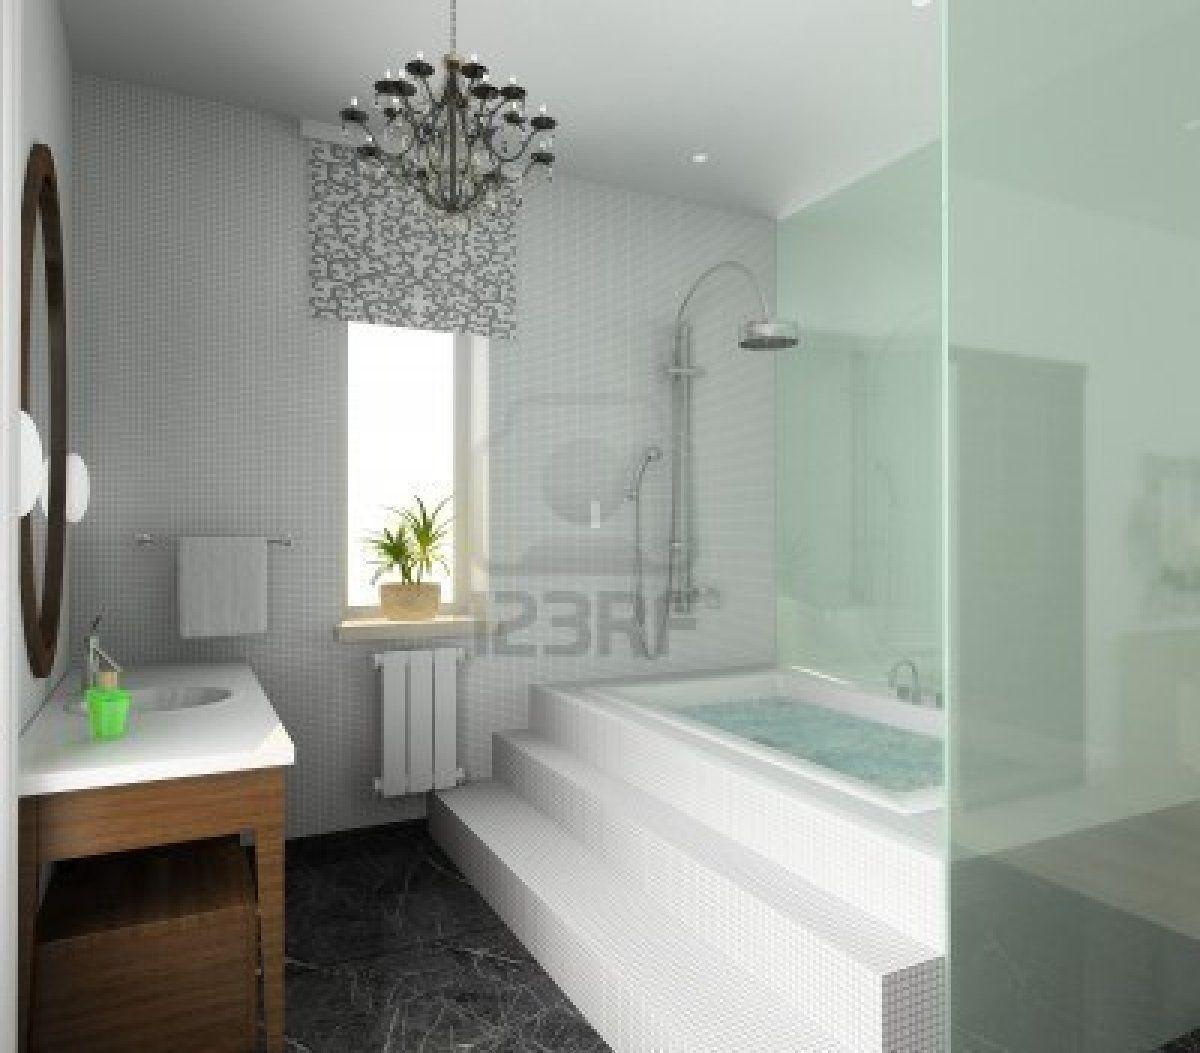 Moderne Innenausstattung 3d Render Badezimmer Exklusives Design Badezimmer Renovieren Moderne Dusche Moderne Badewannen